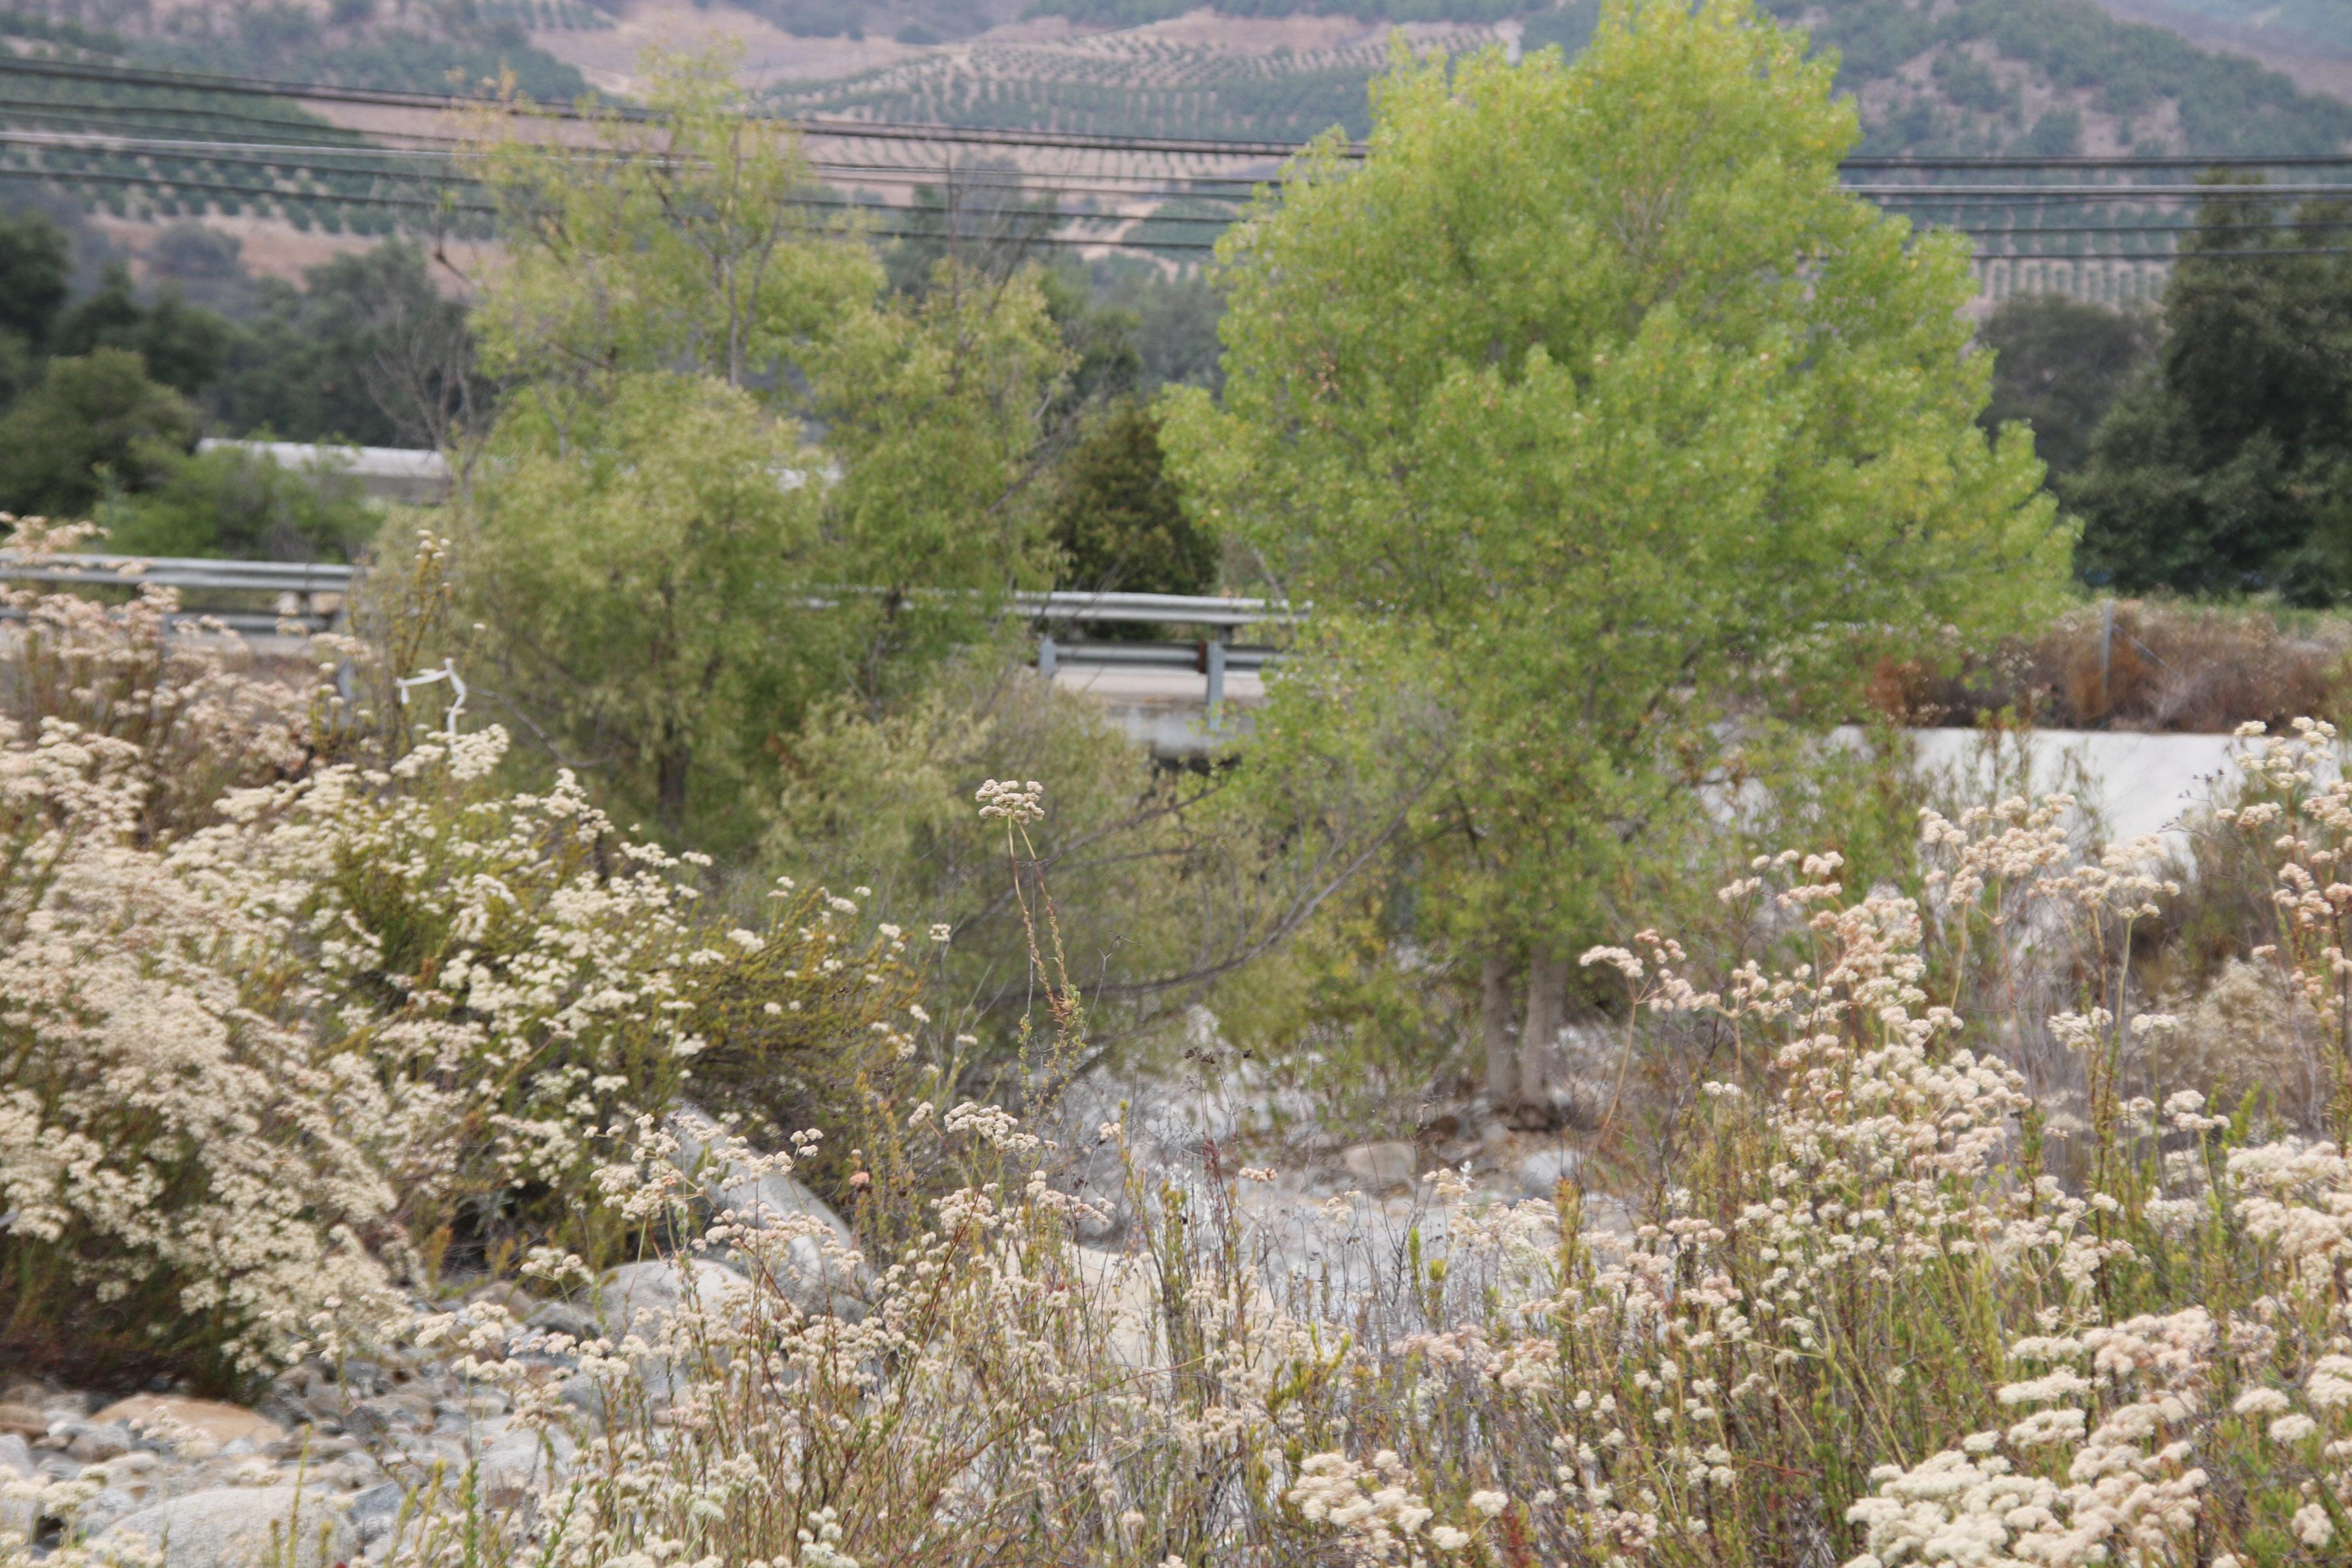 Pauma Creek Bridge